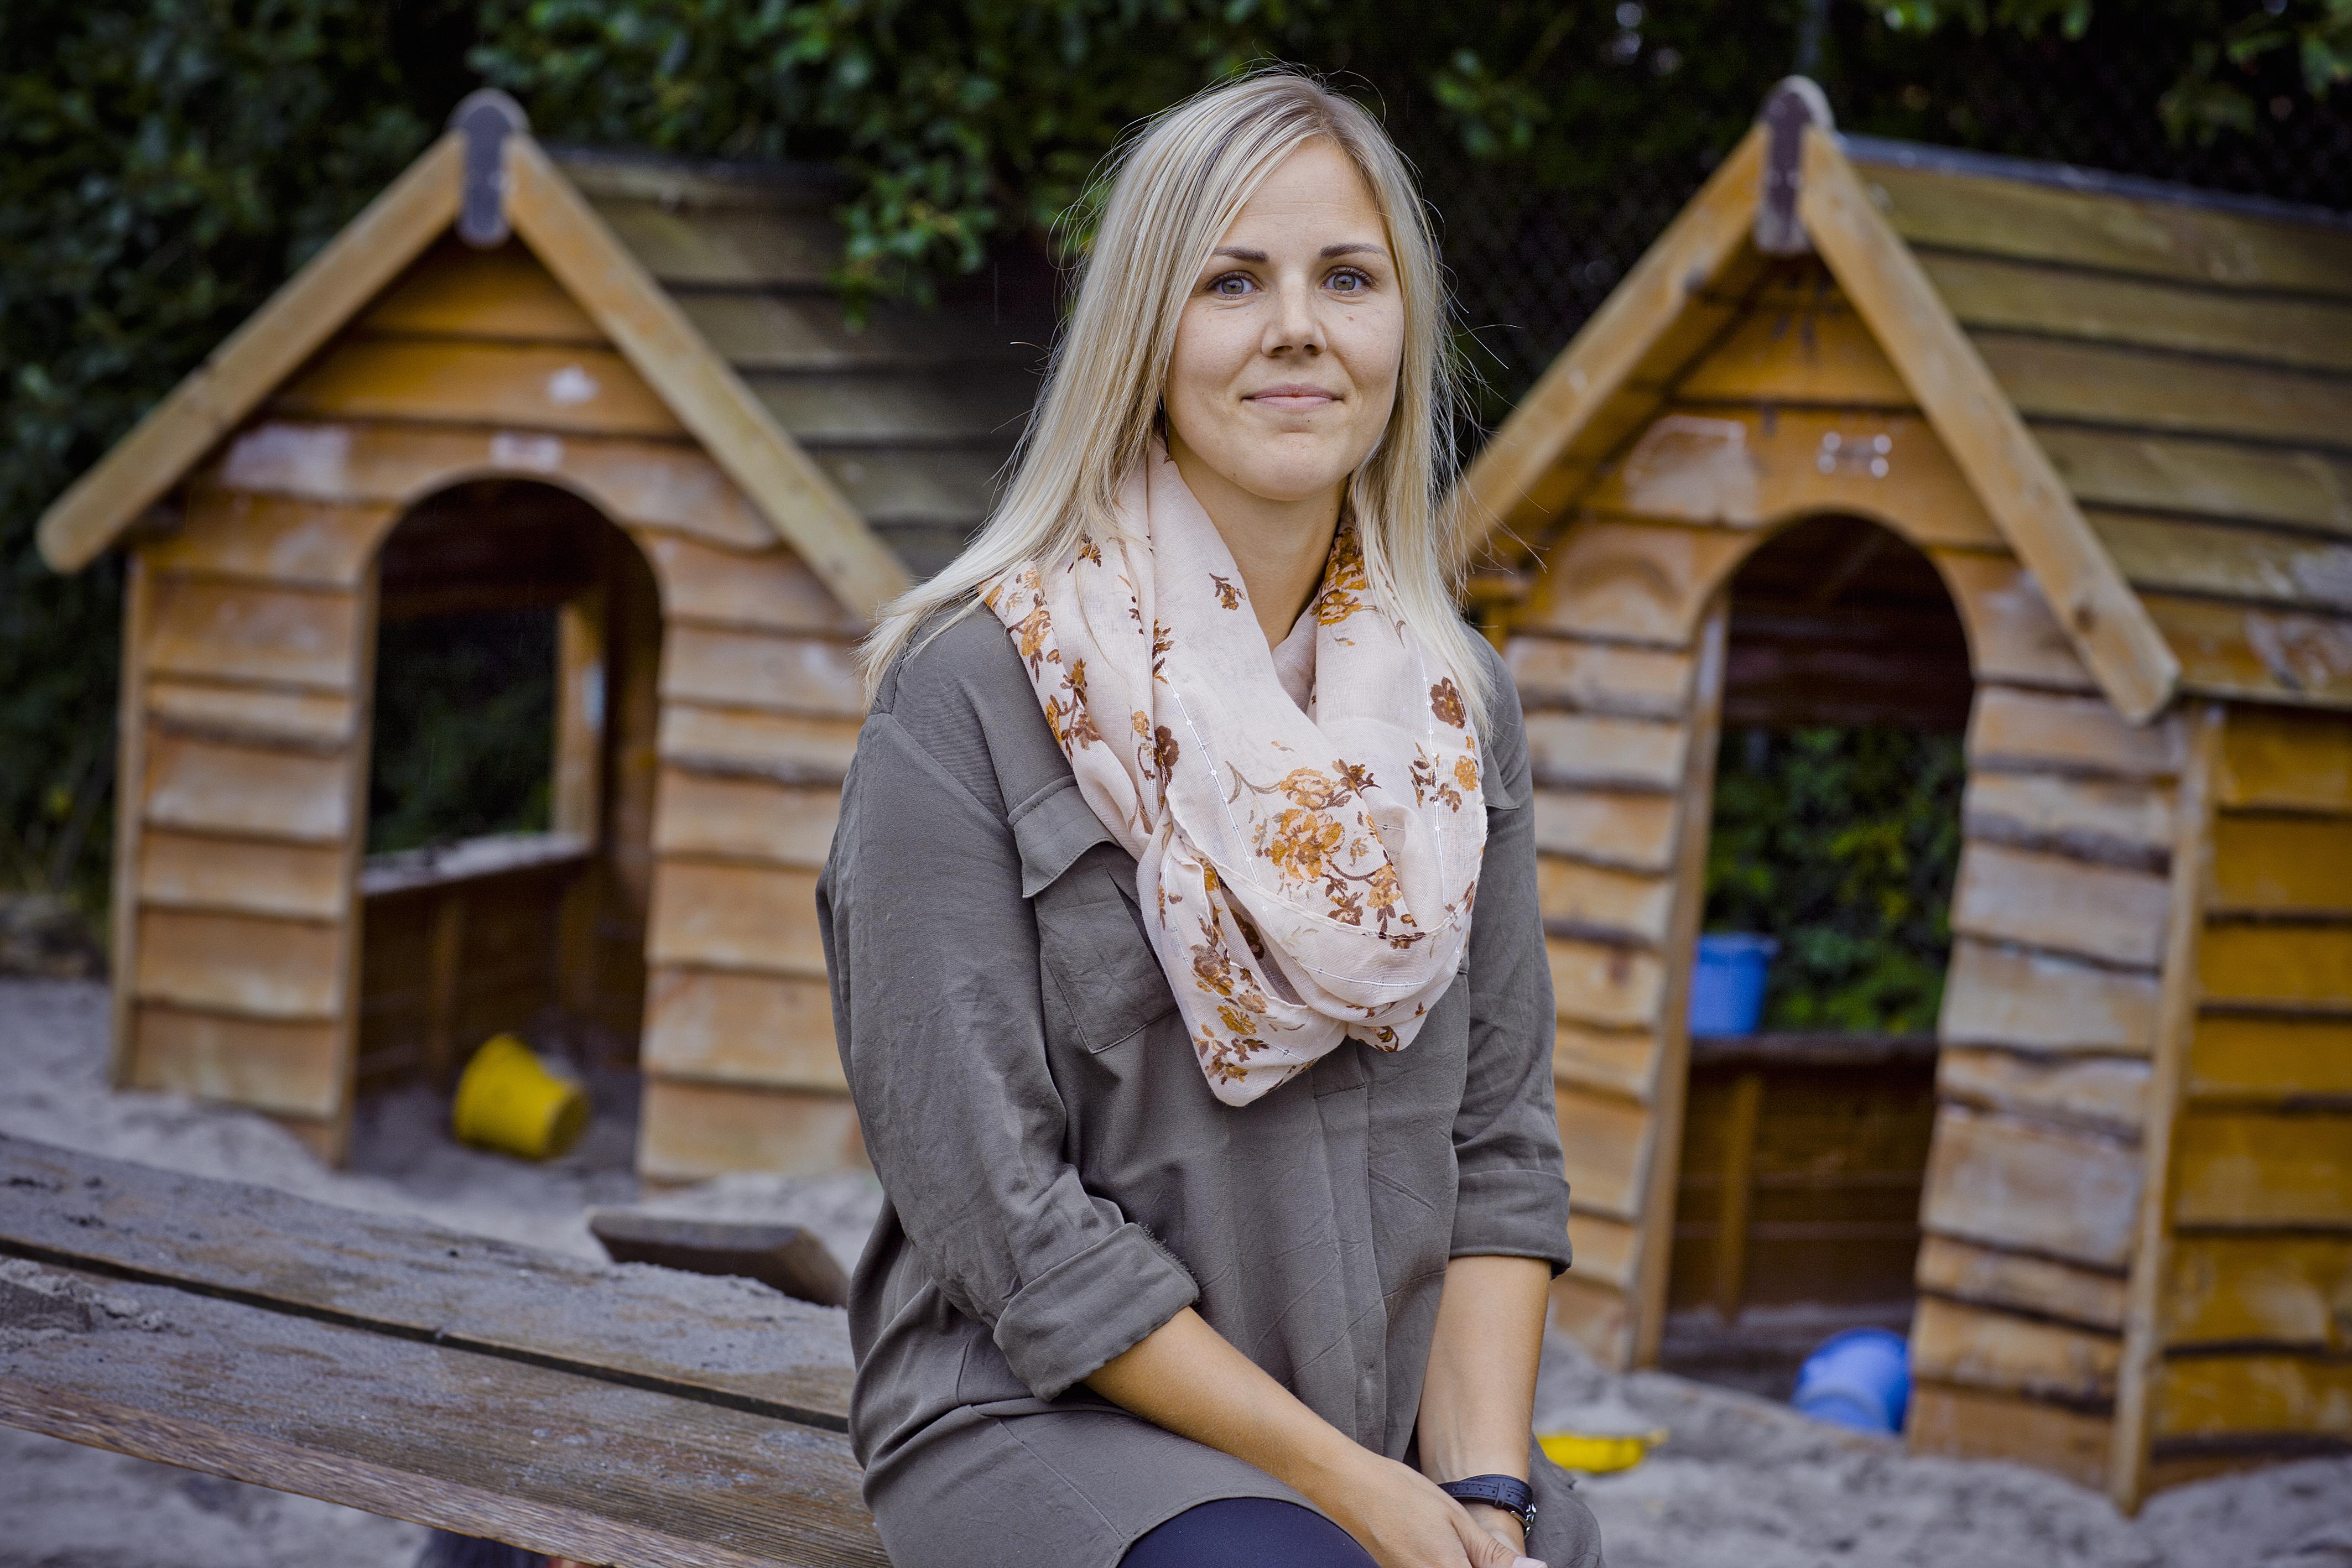 Julie Lerche-Thomsen er glad for sin dobbeltrolle i Sundloppen, da det giver hende en lettere indgang til børnene, fordi de er vant til at se hende i hverdagen.